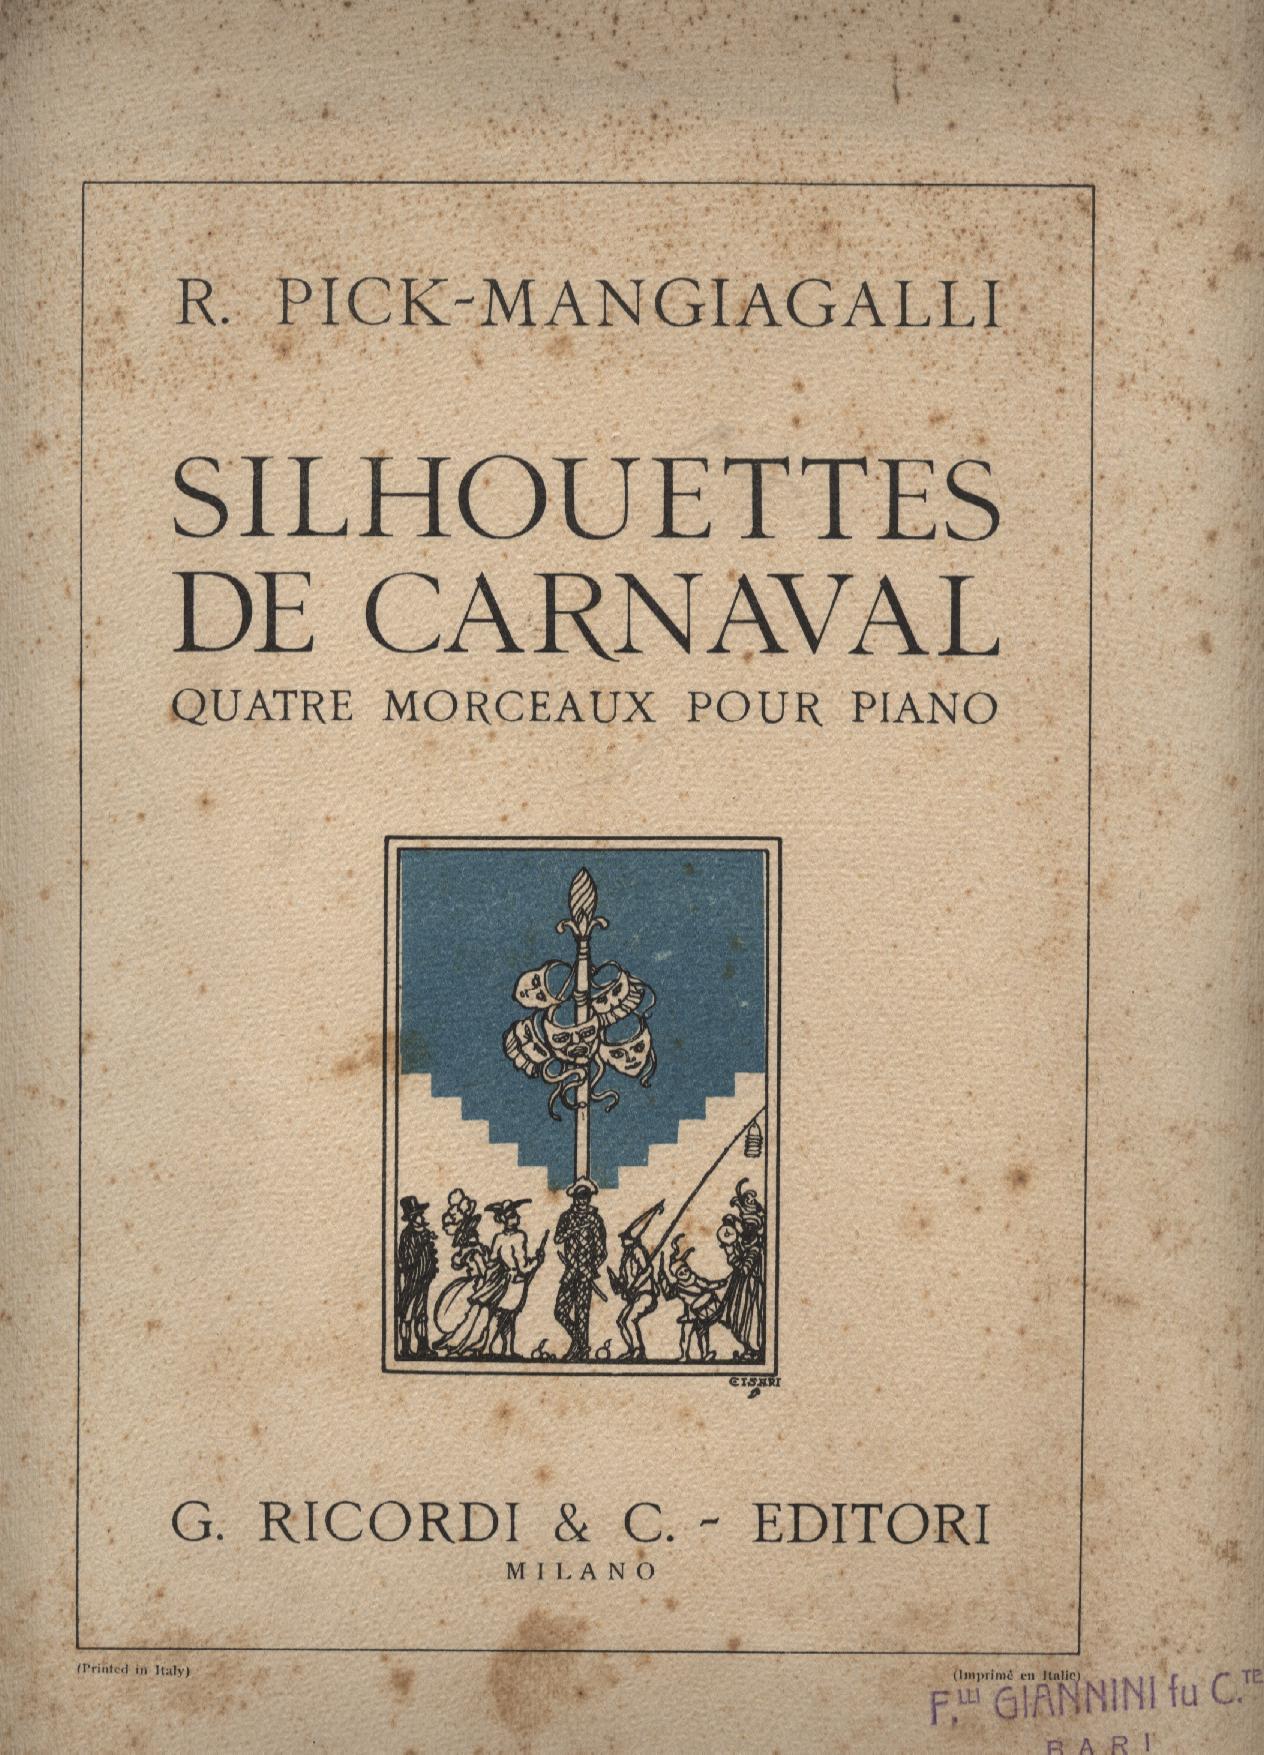 Silhouettes de Carnaval, Quatre Morceaux Pour Piano